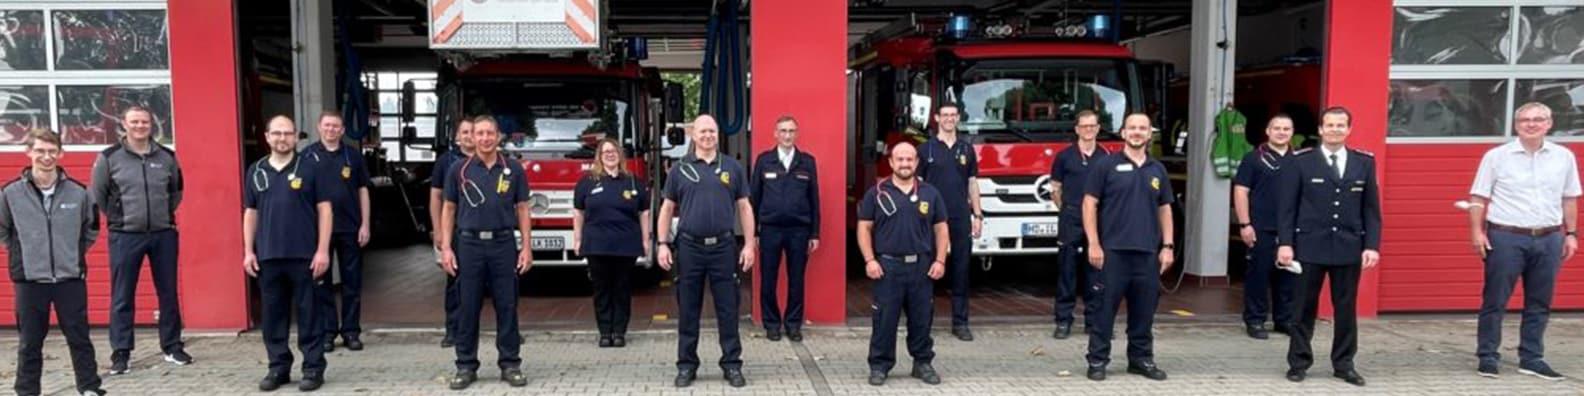 Skillqube Lehrgang bei Feuerwehr Ilvesheim